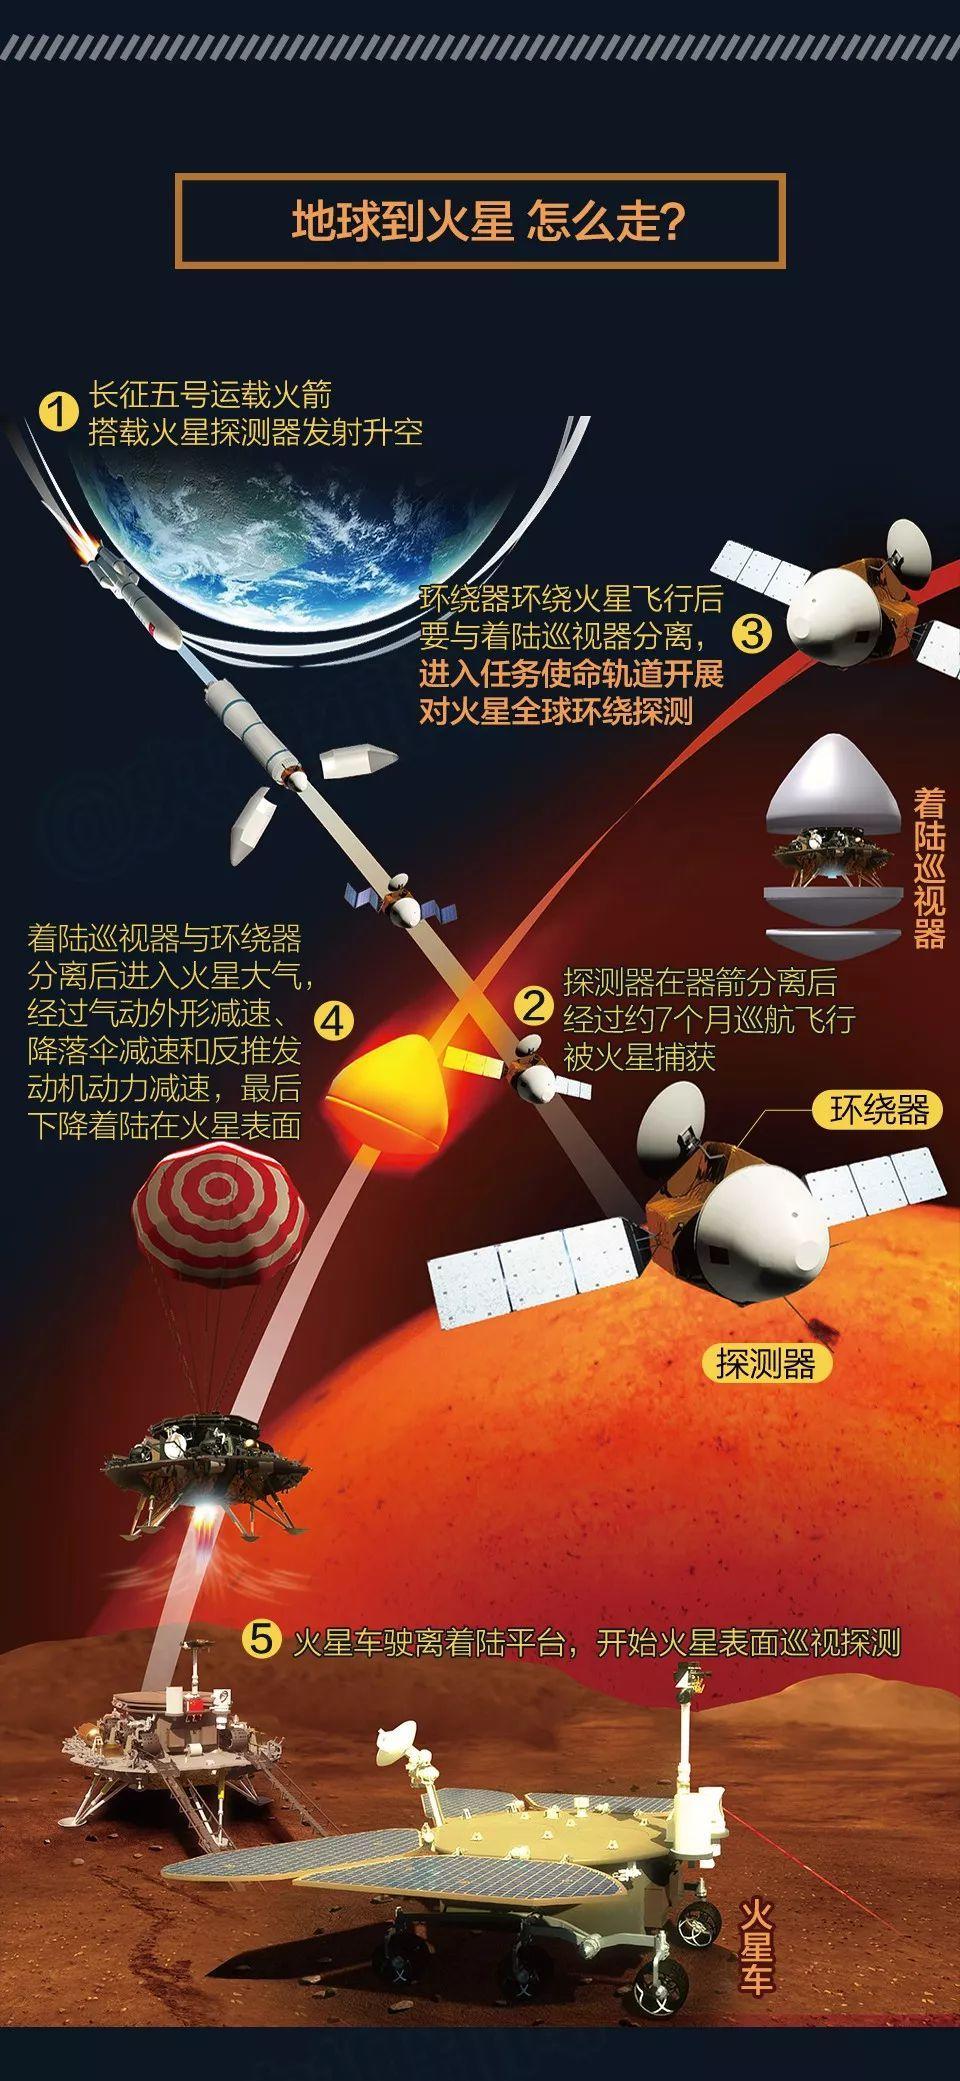 火星,明年我们去看你!